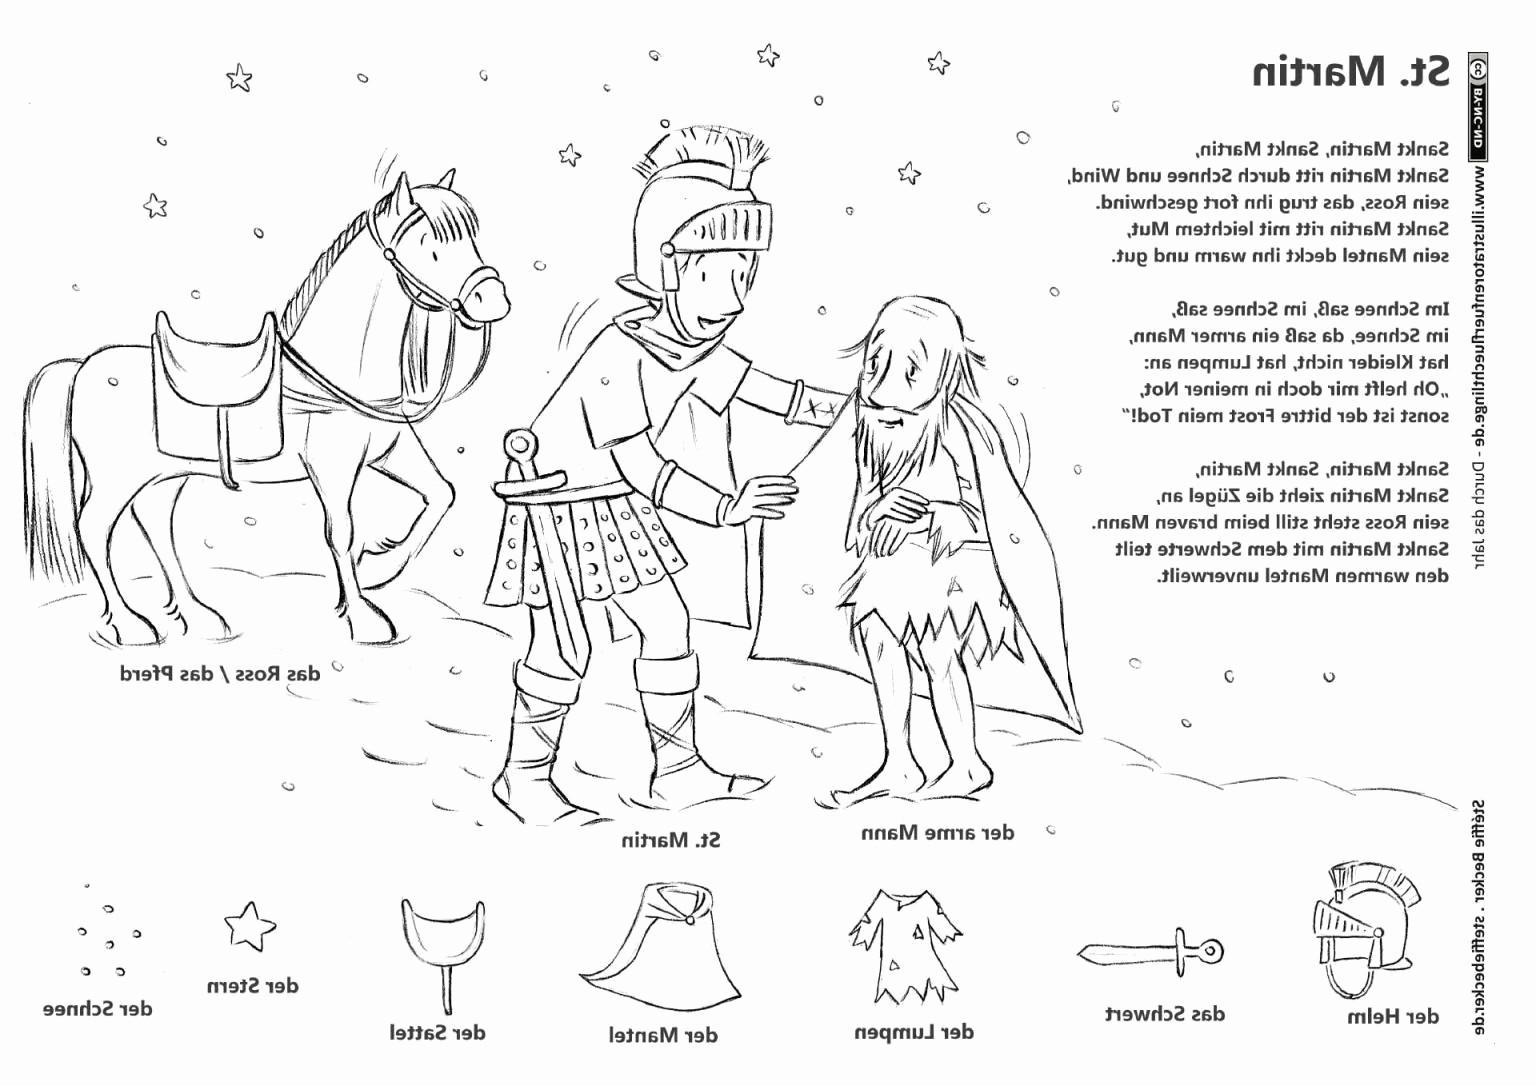 Ausmalbilder Zu Weihnachten Zum Ausdrucken Genial Anna Und Elsa Ausmalbilder Zum Ausdrucken Einzigartig Galerie